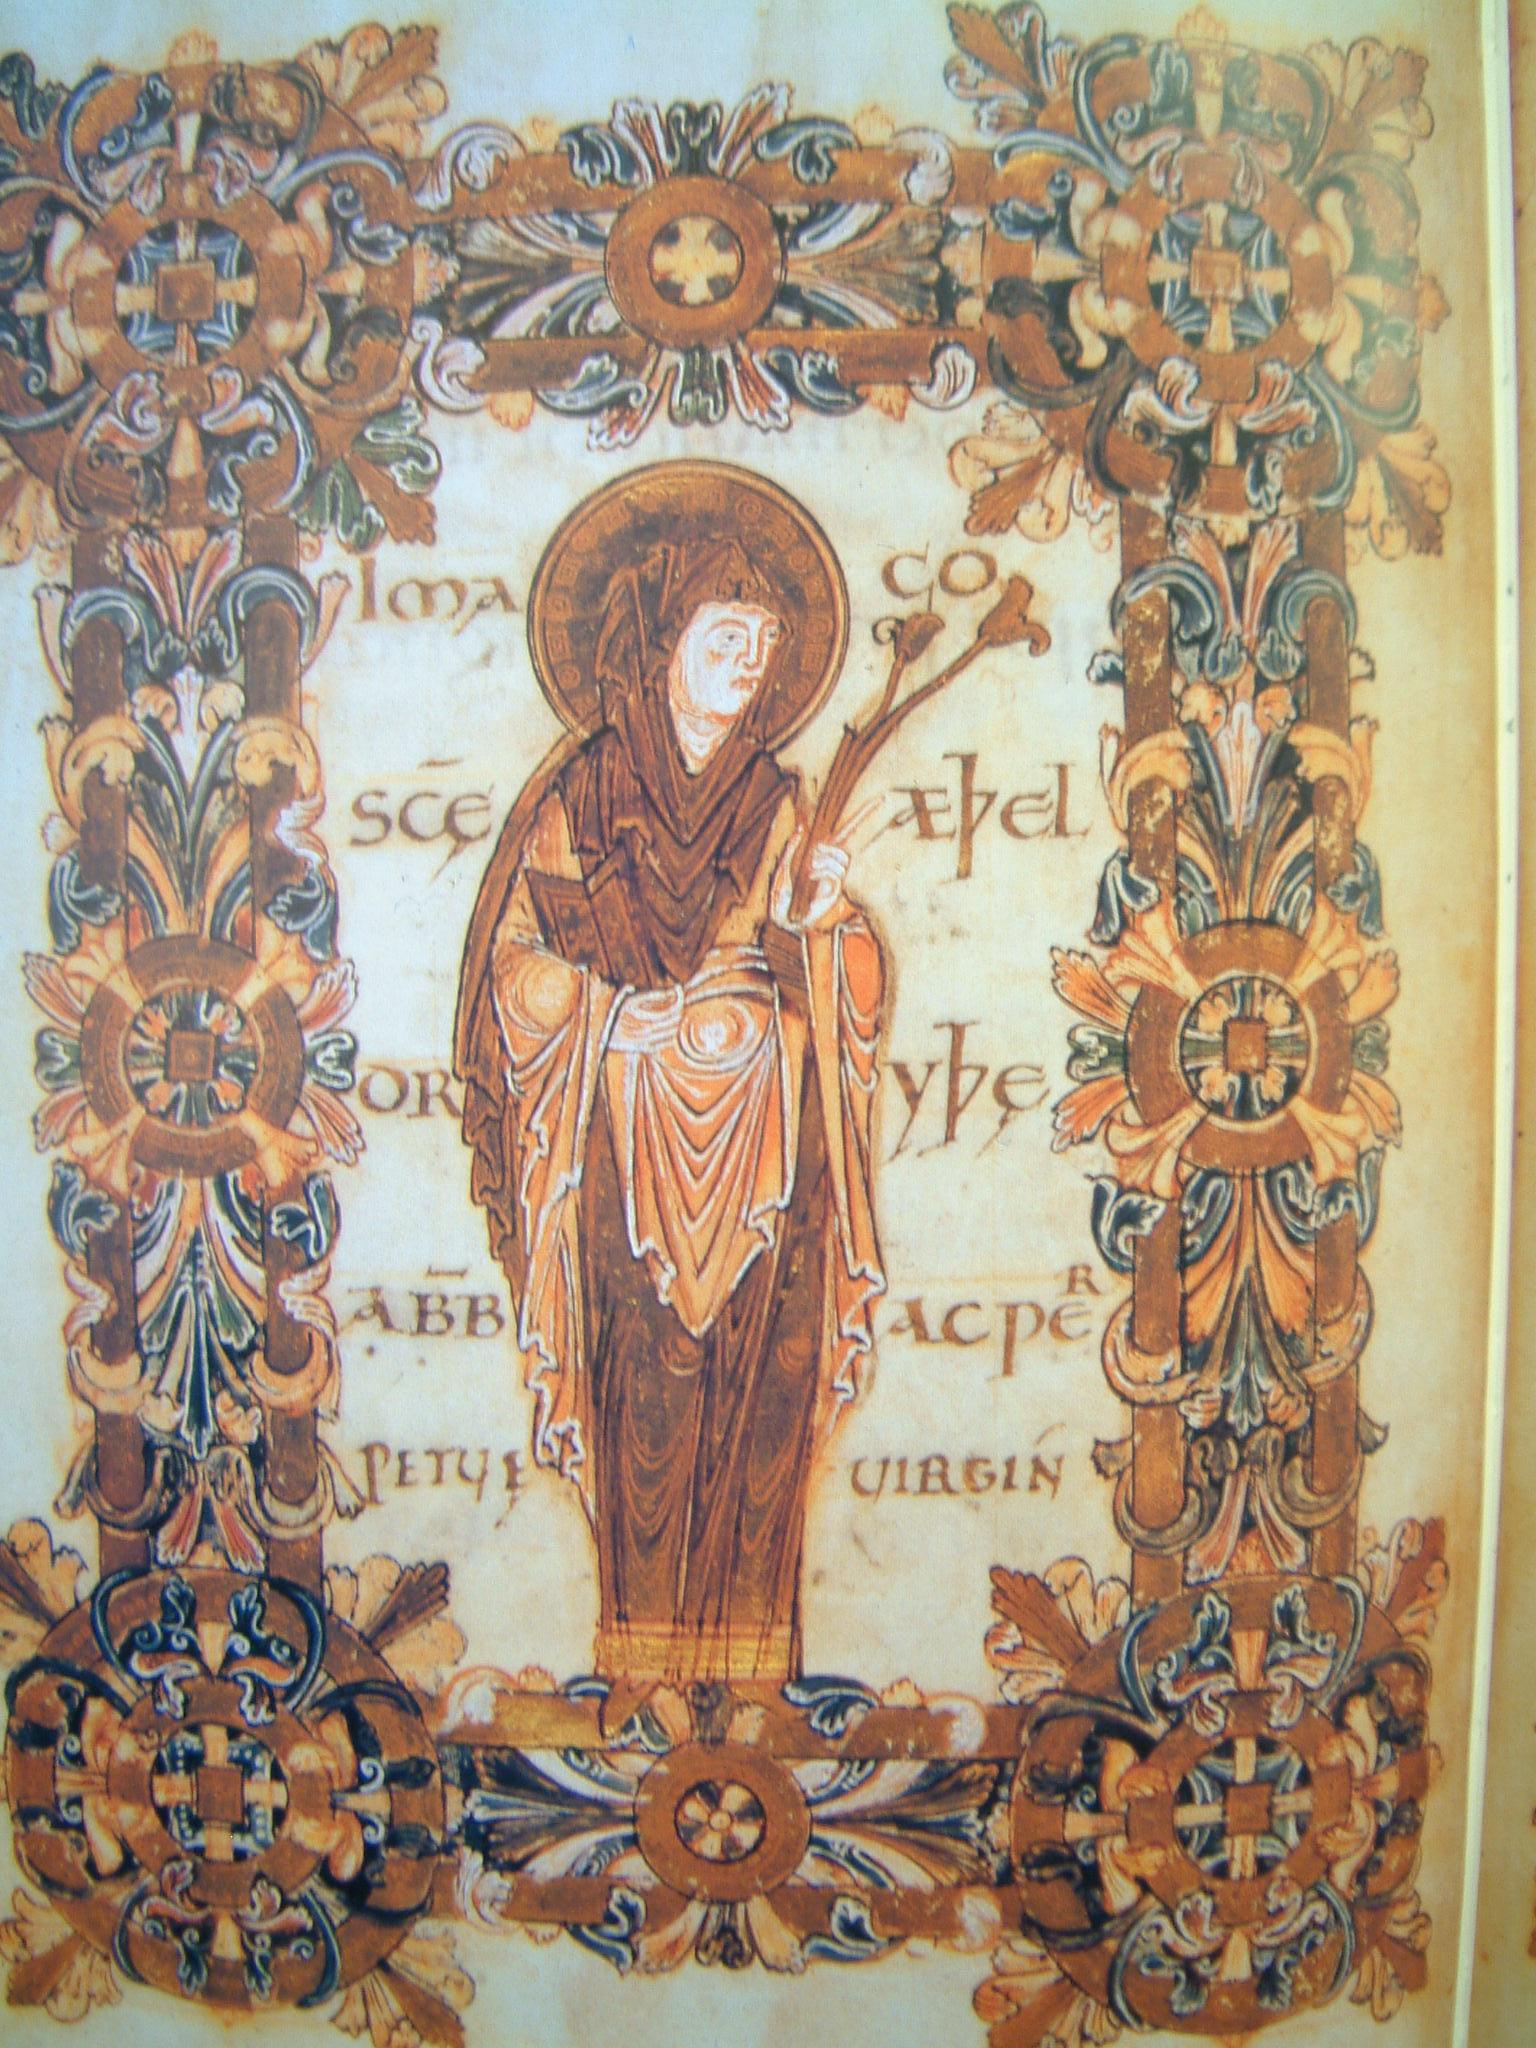 Benediktionale von St. Æthelwold, 10. Jahrhundert, British Library